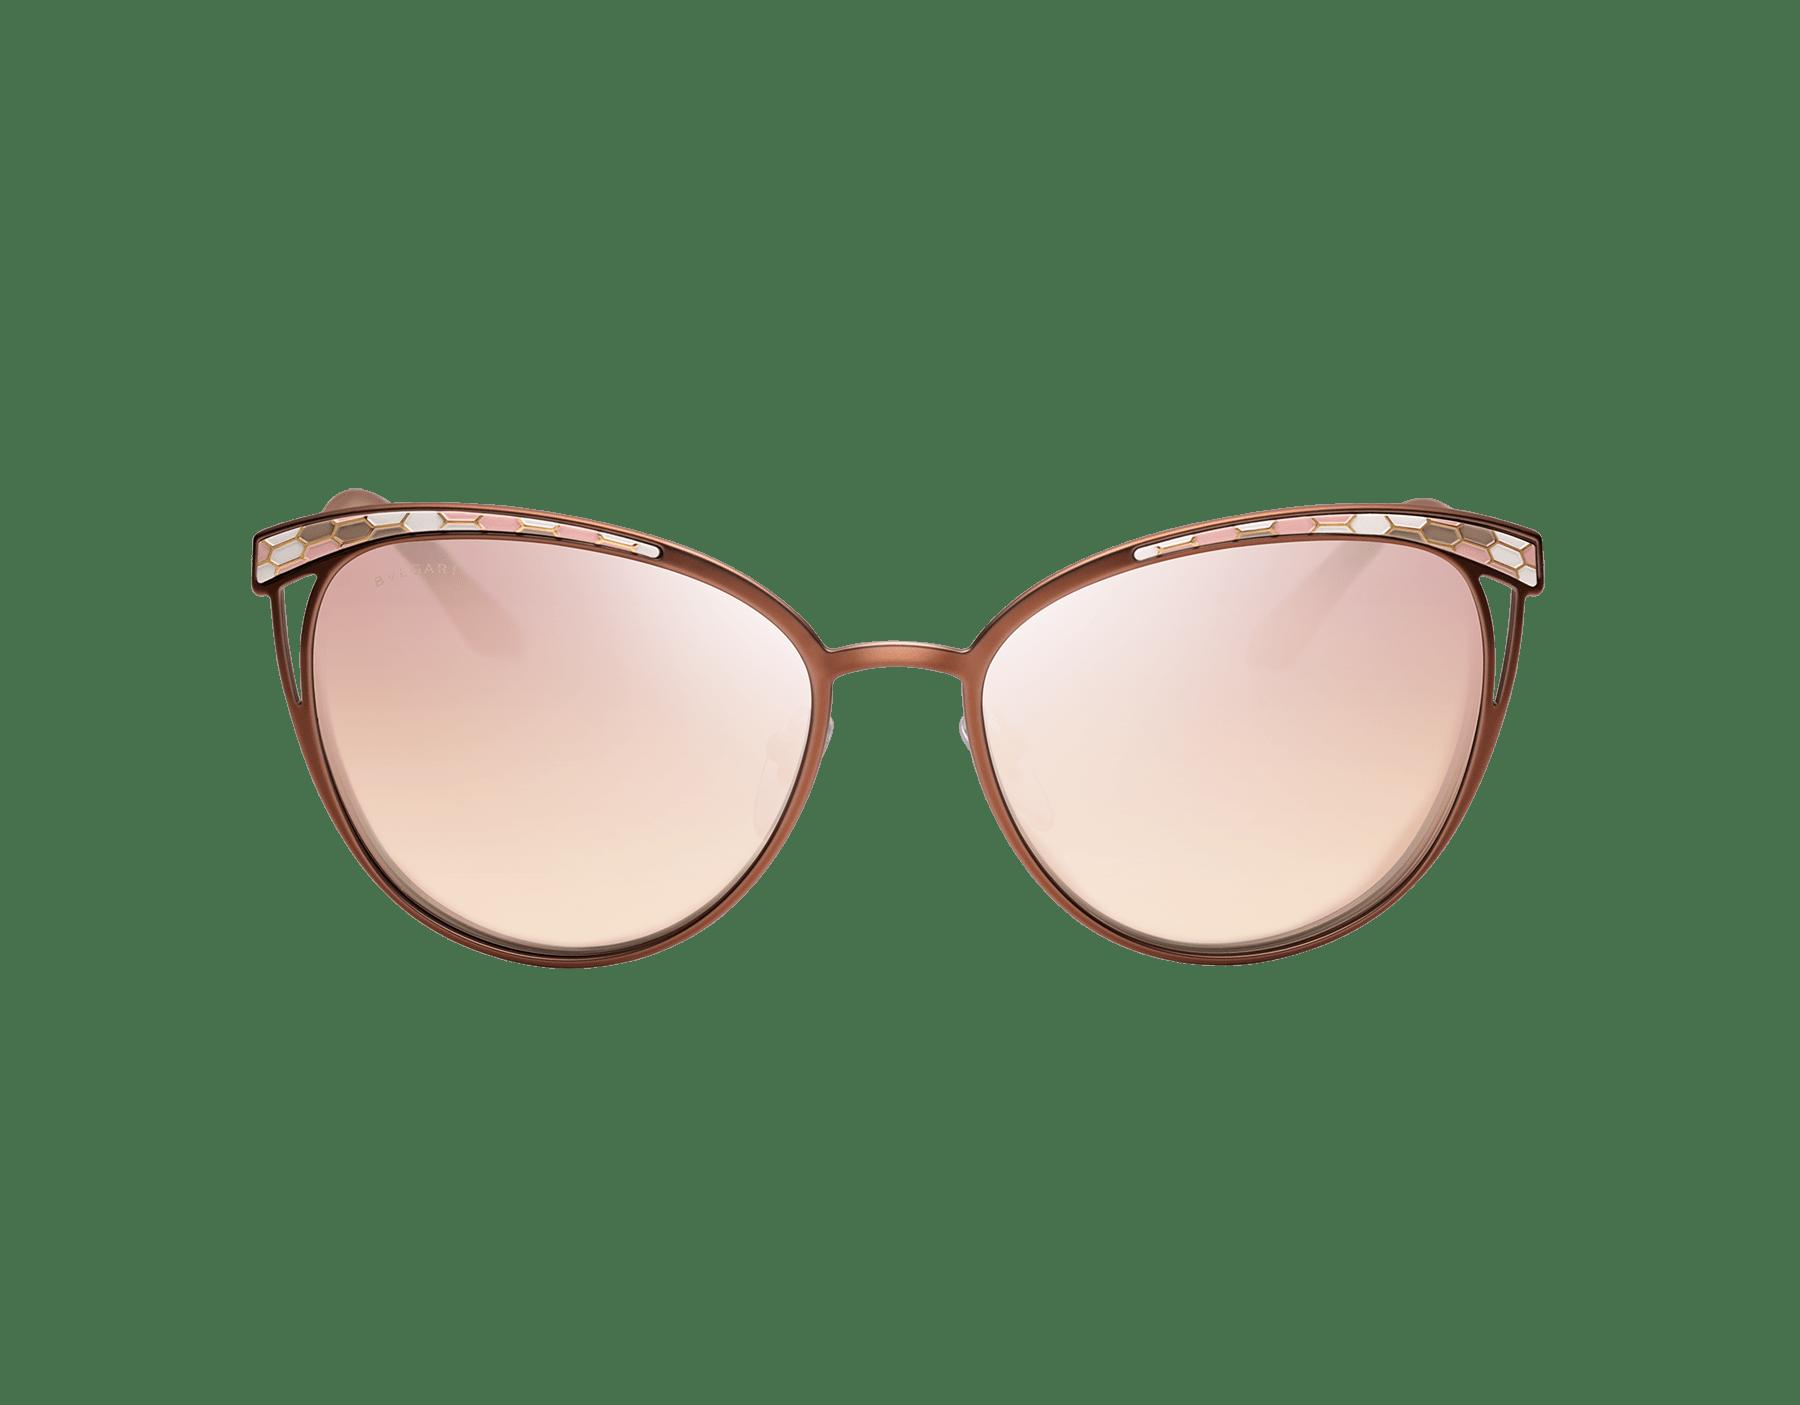 Contemporâneos óculos de sol Serpenti Serpentine com formato olho de gato em metal. 903605 image 2